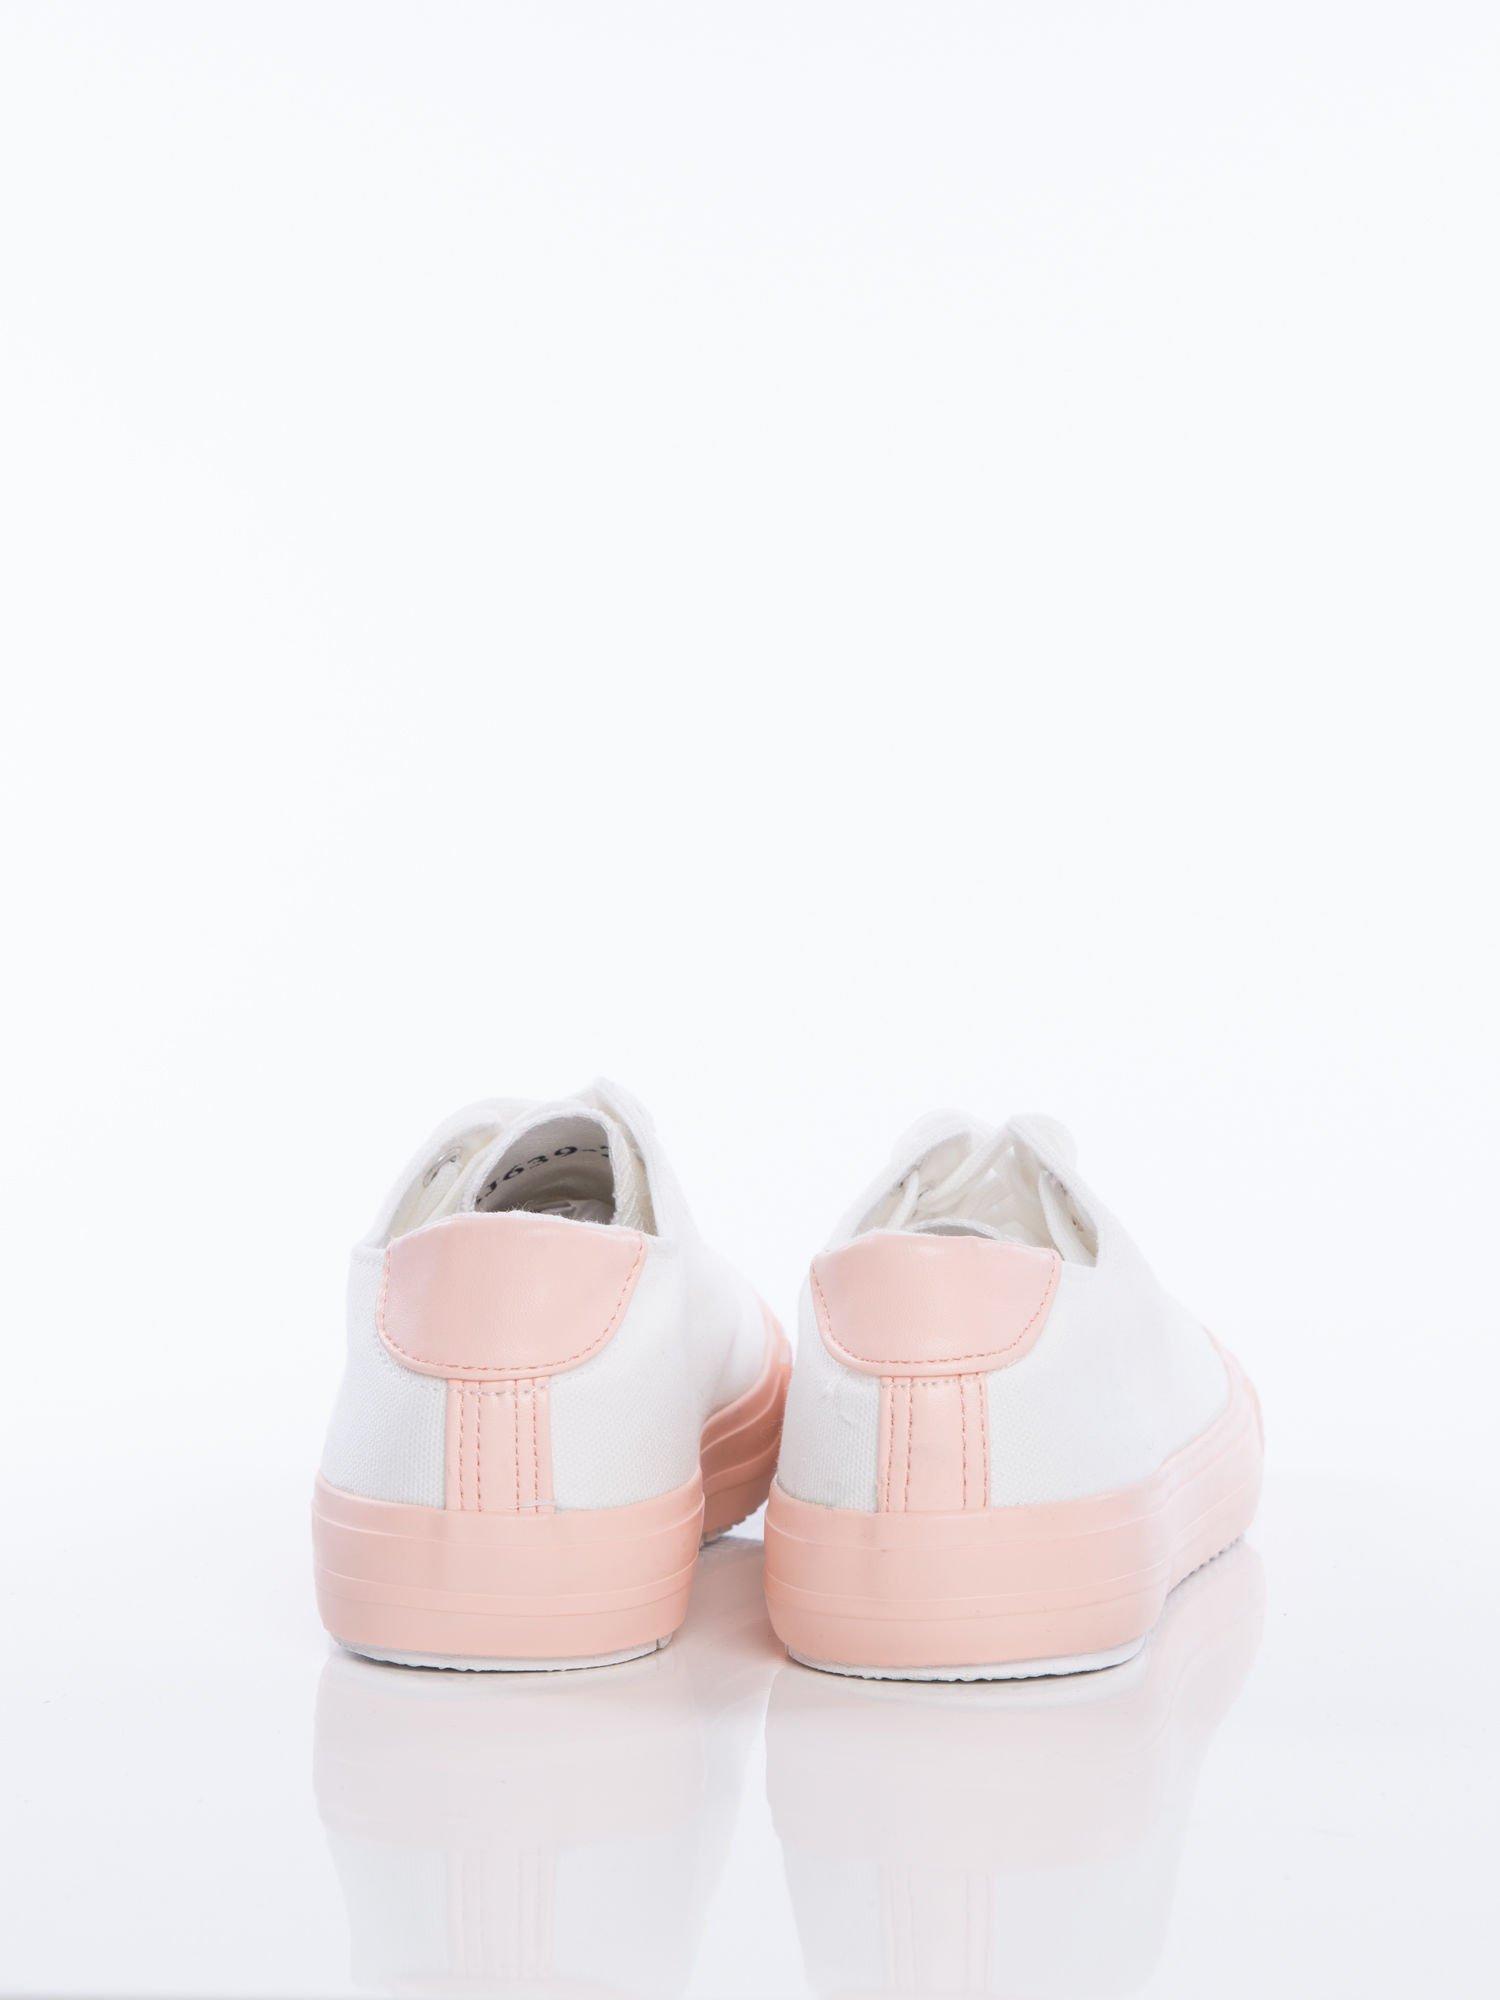 fdfdcbdfdf915 4; Białe materiałowe trampki z pastelowo-różową podeszwą i gumową wstawką  na przodzie ...